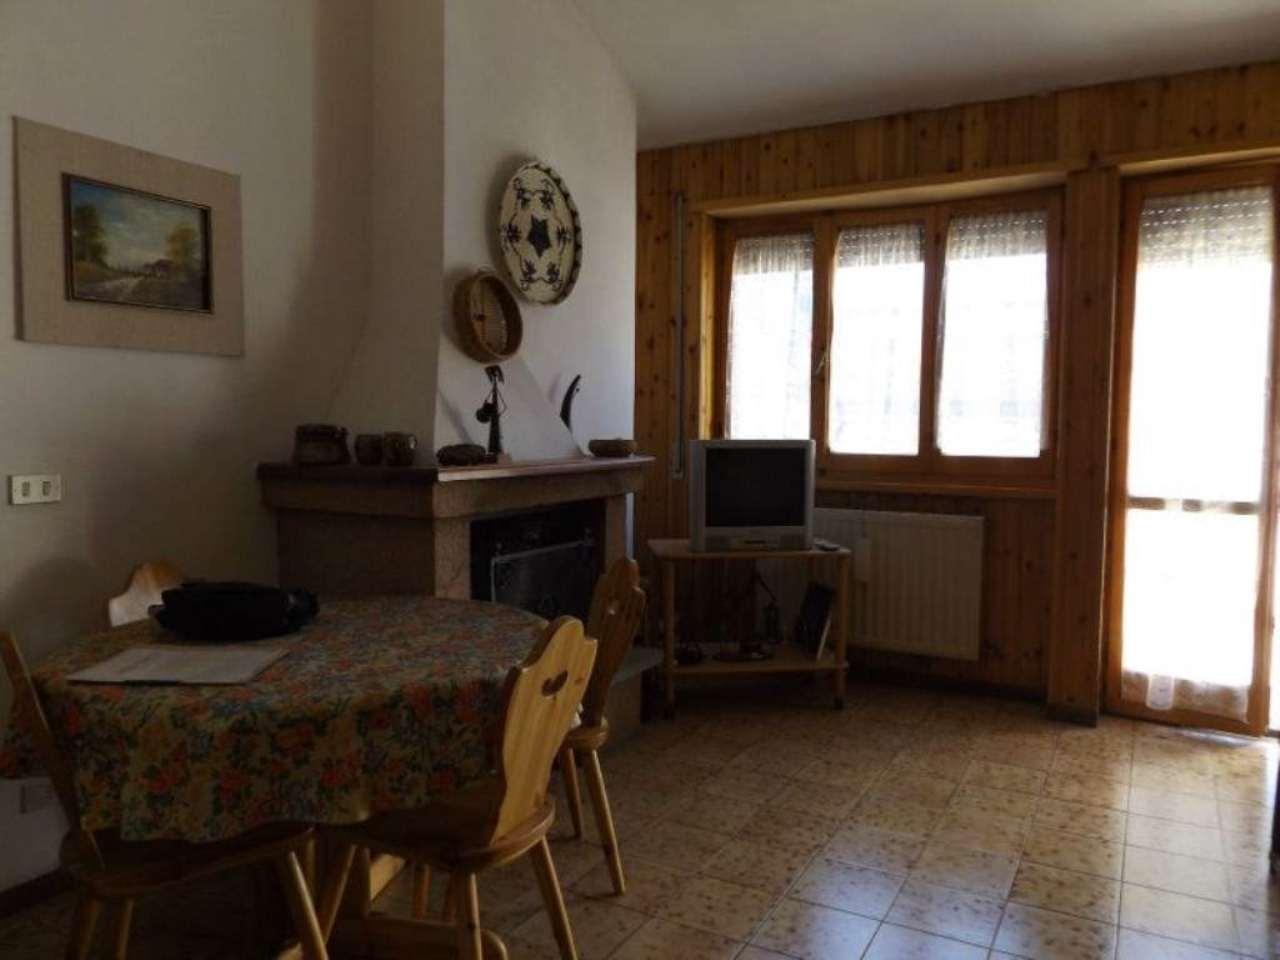 Attico / Mansarda in vendita a Carsoli, 5 locali, prezzo € 110.000 | CambioCasa.it